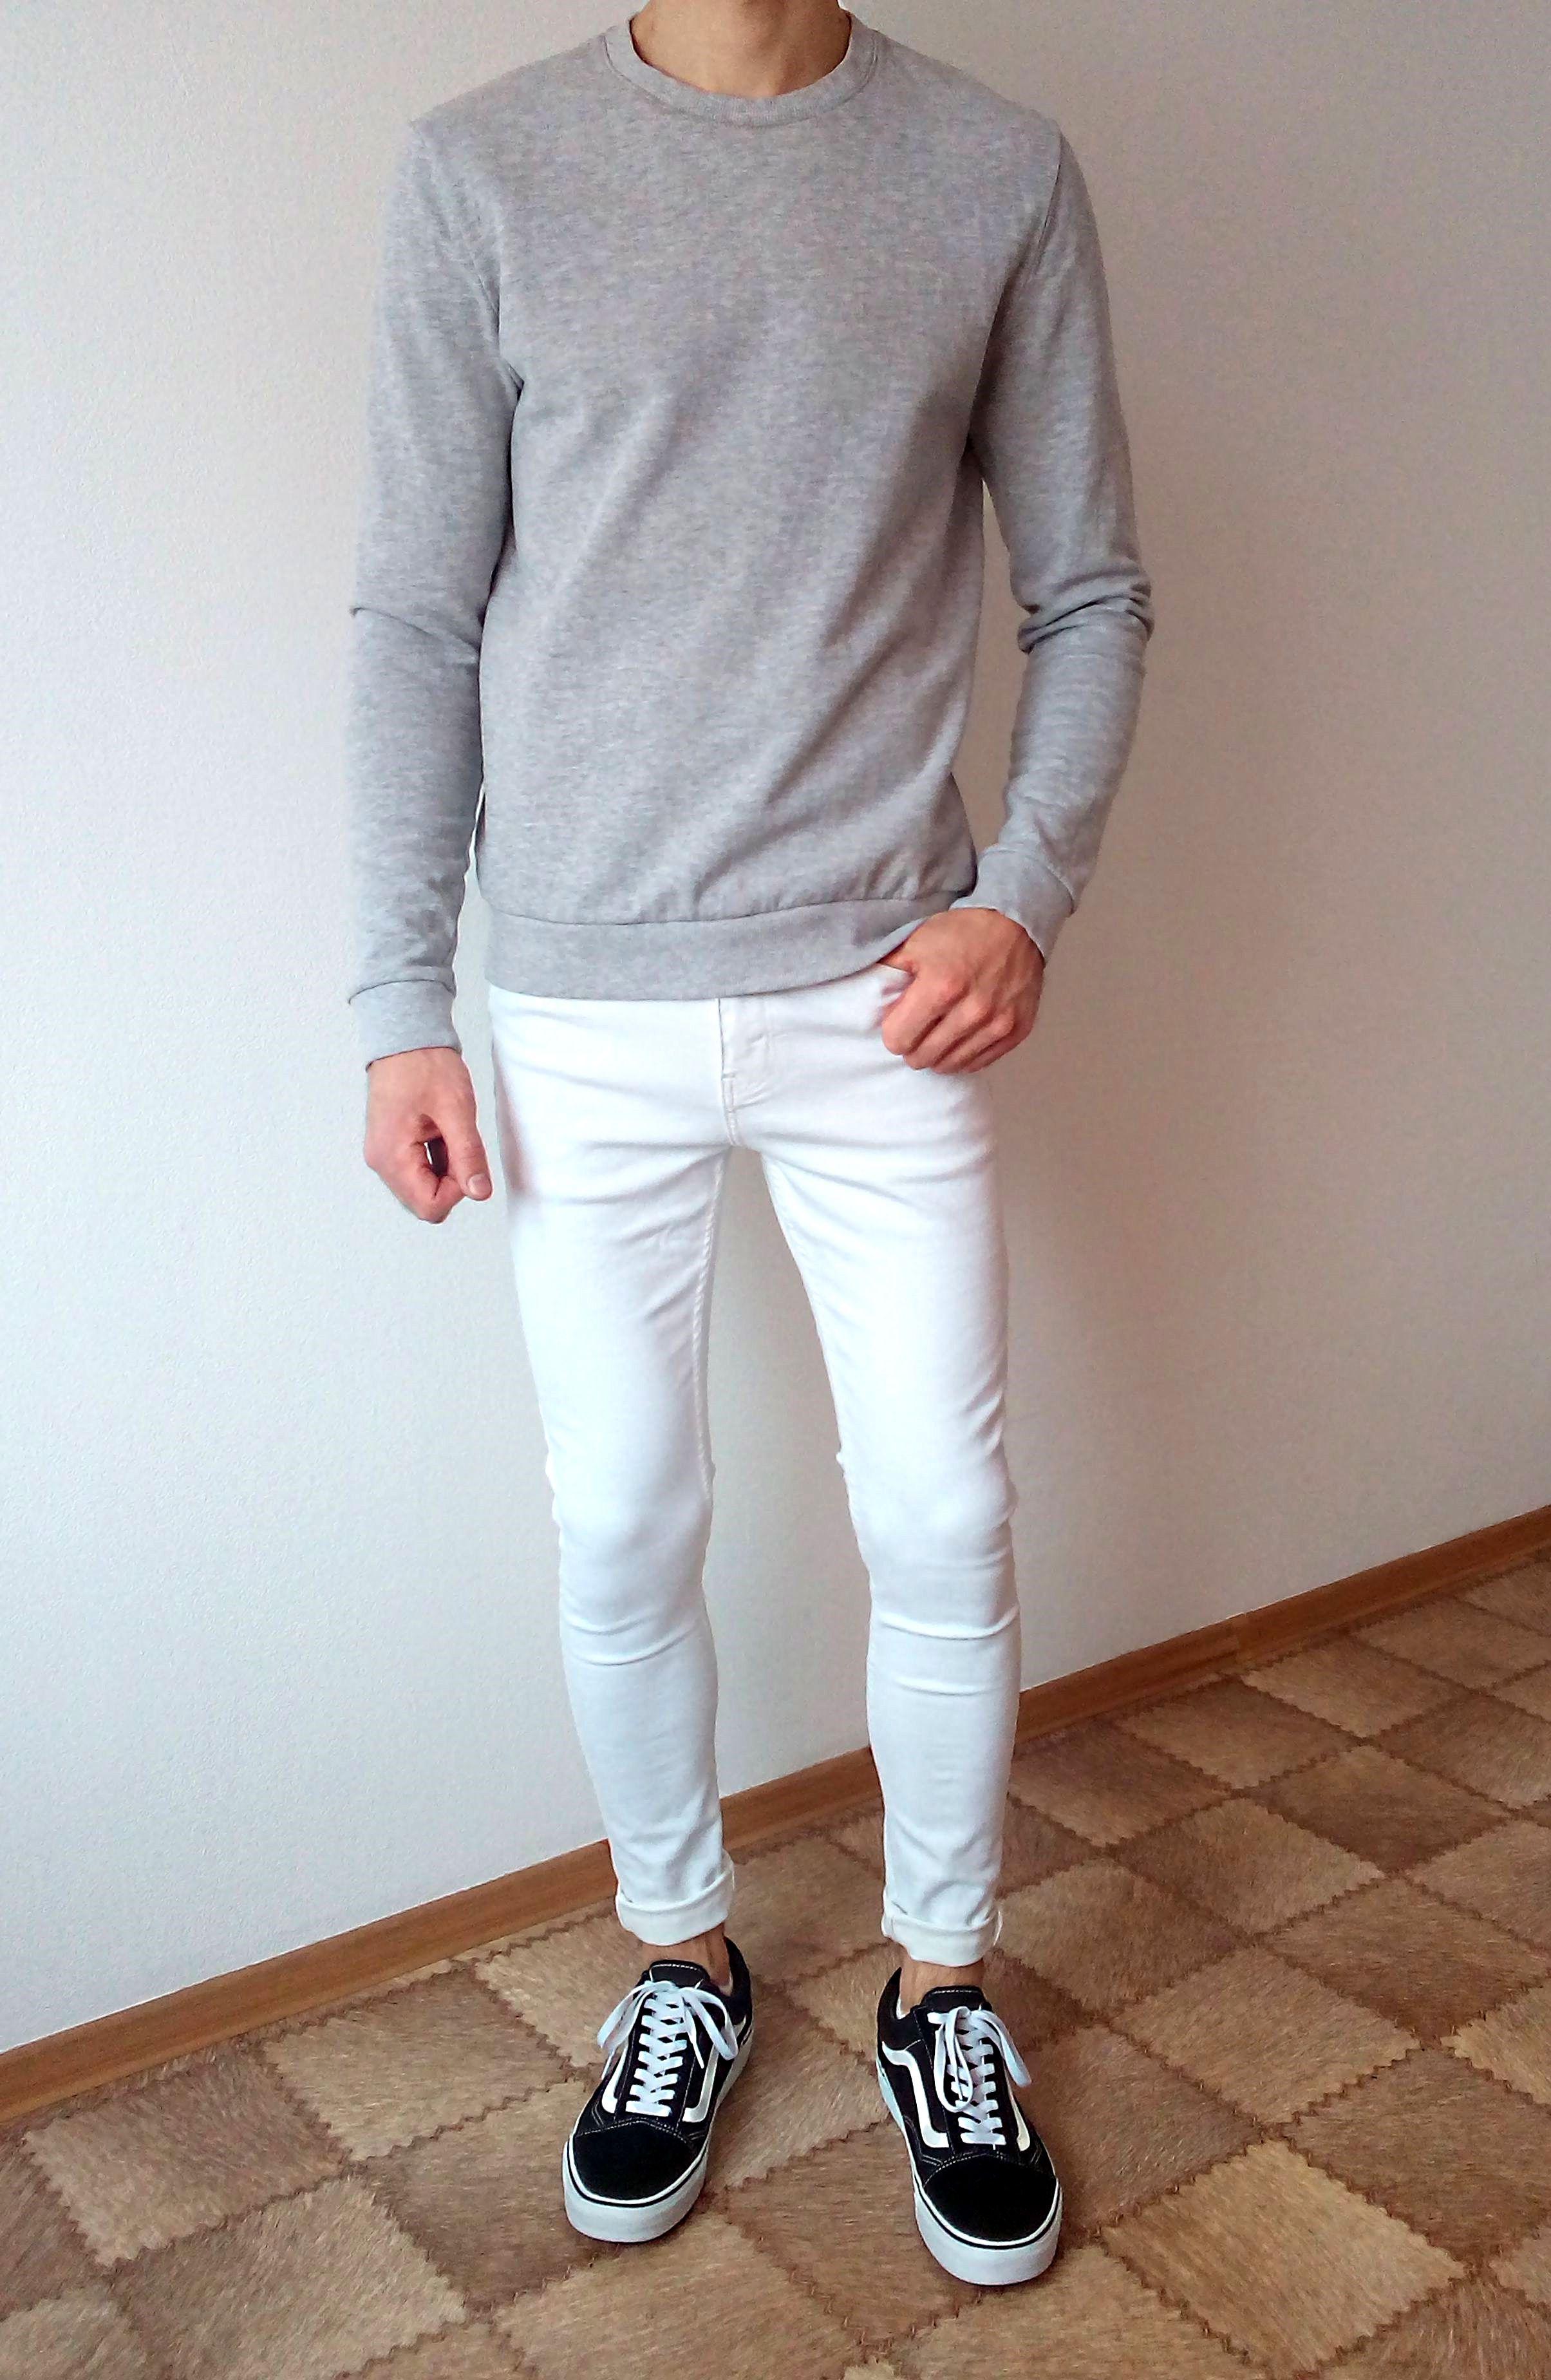 Pin de Jojo 03 en Fashion | Convinaciones de ropa hombre